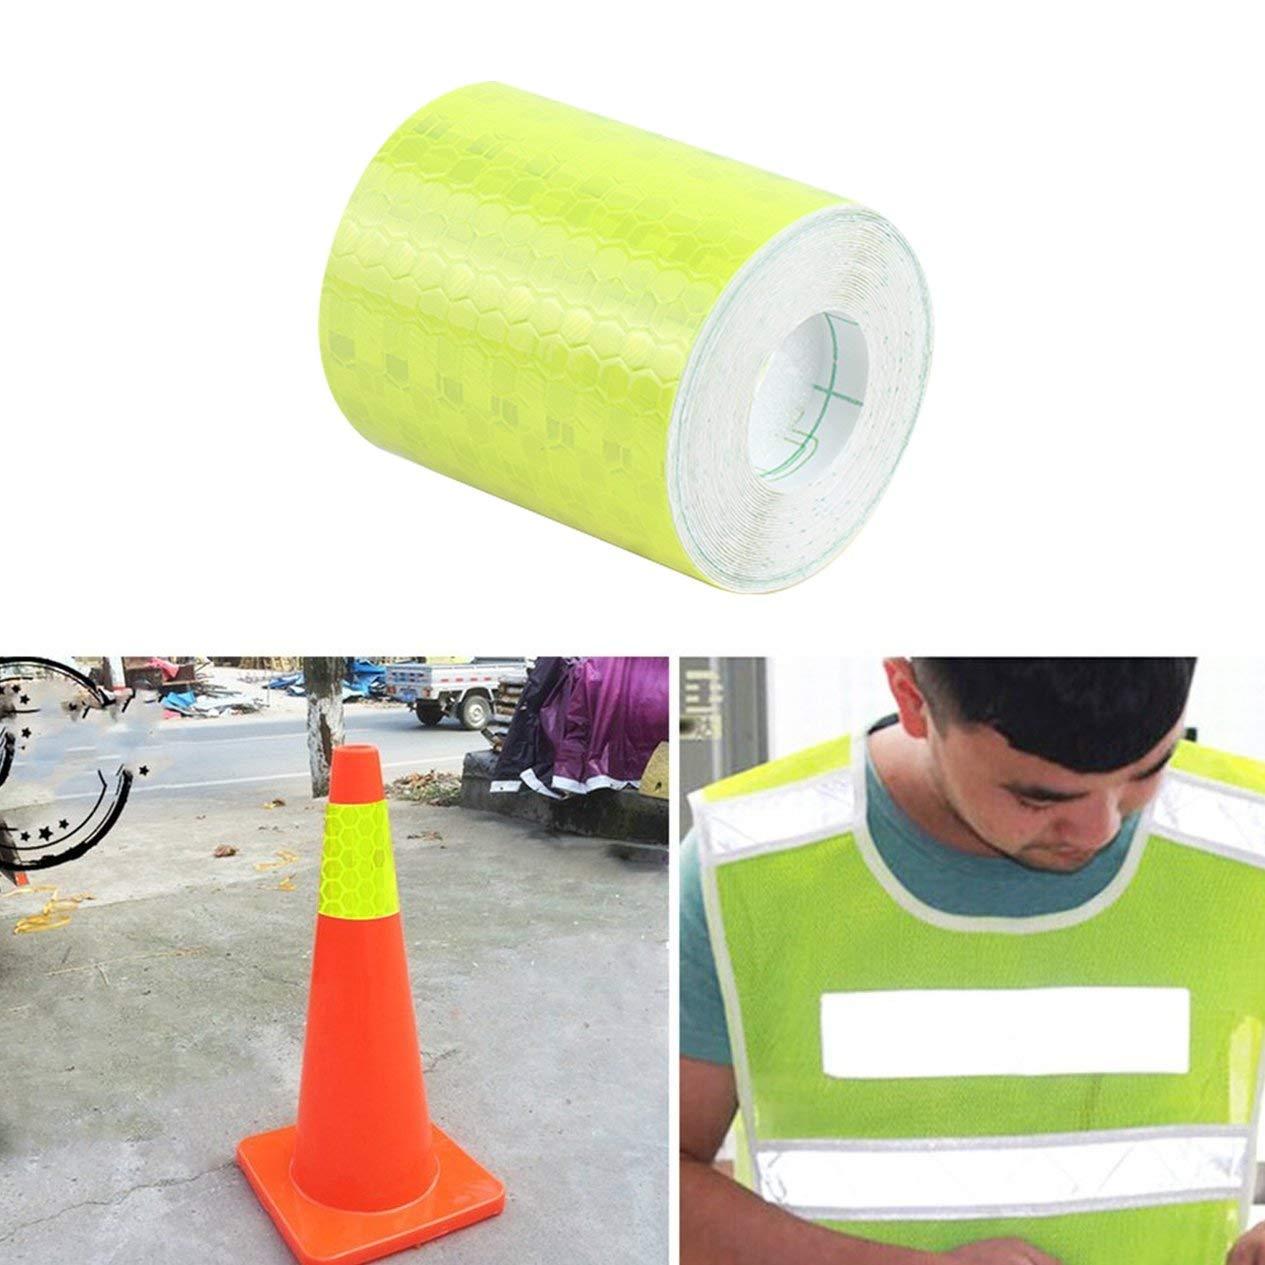 EdBerk74 Tiras Adhesivas s/úper Reflectantes Fluorescentes Cinta de Advertencia de Seguridad del autob/ús Escolar Pegatinas de Visibilidad del autom/óvil